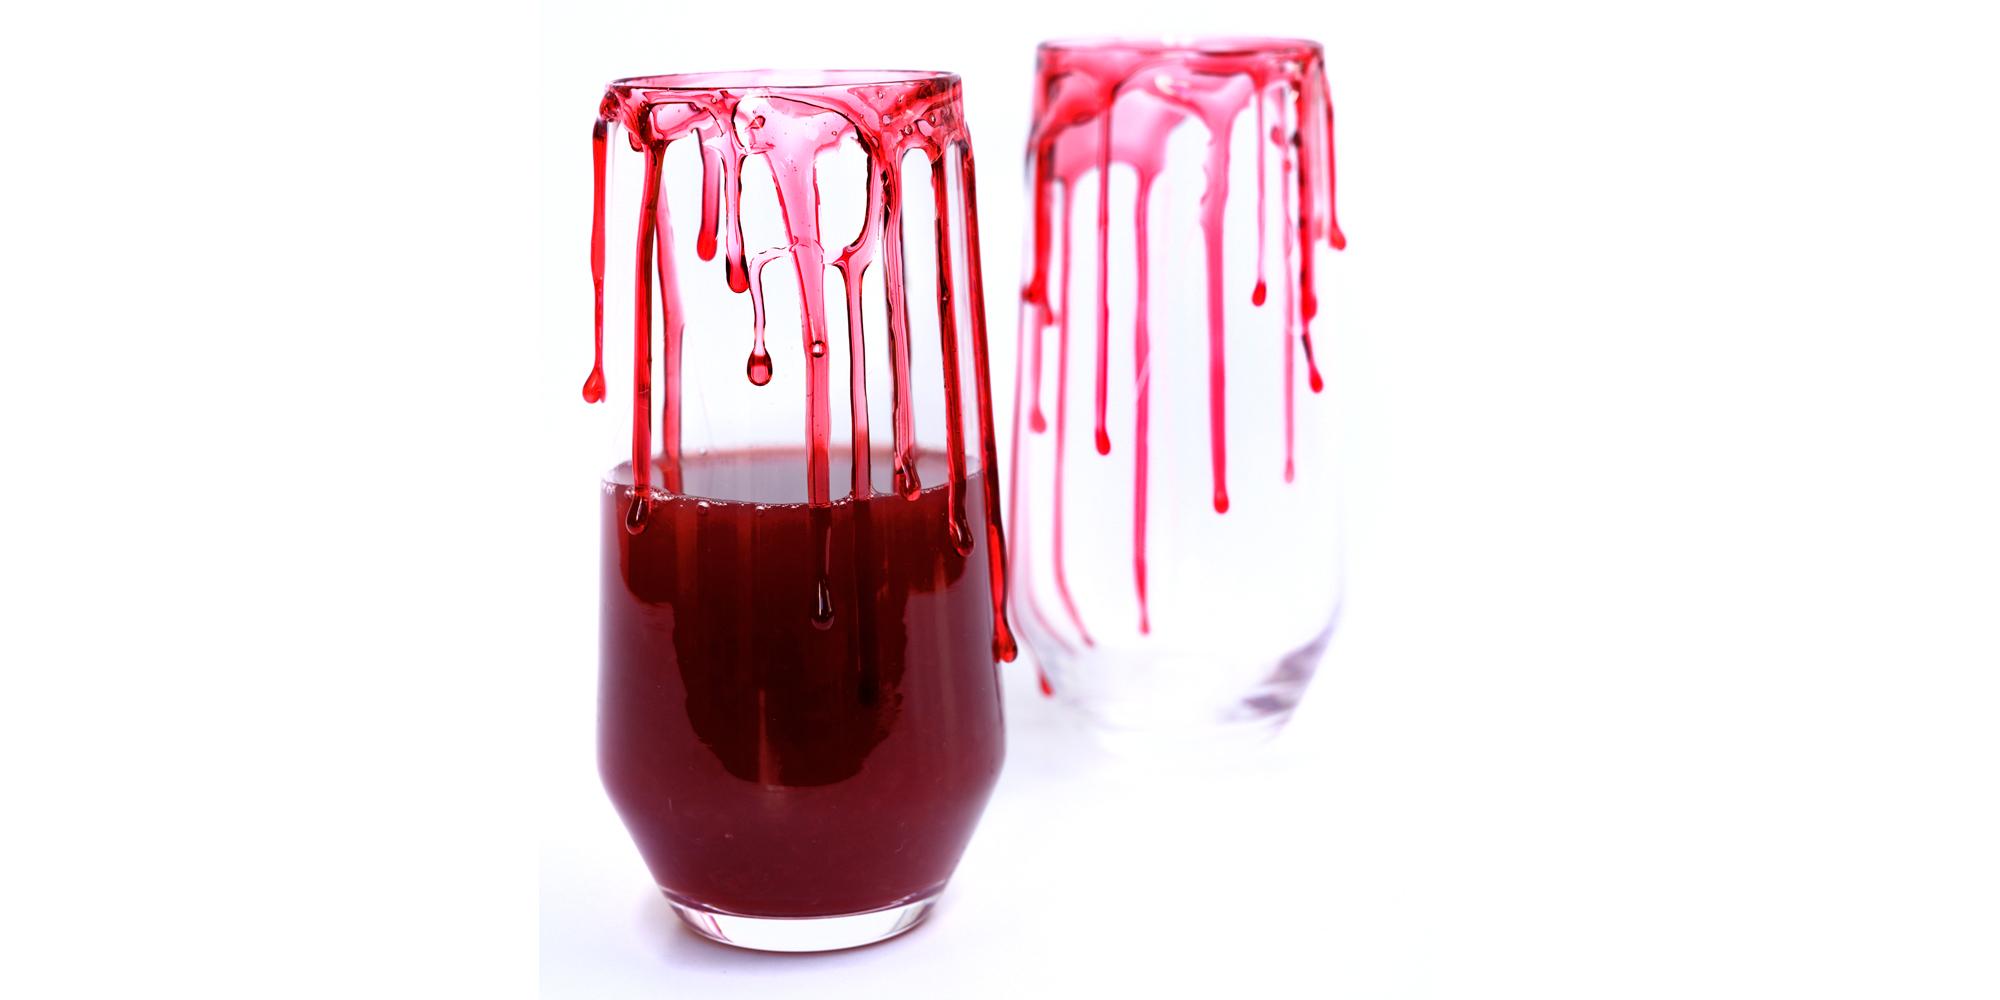 Blodiga glas